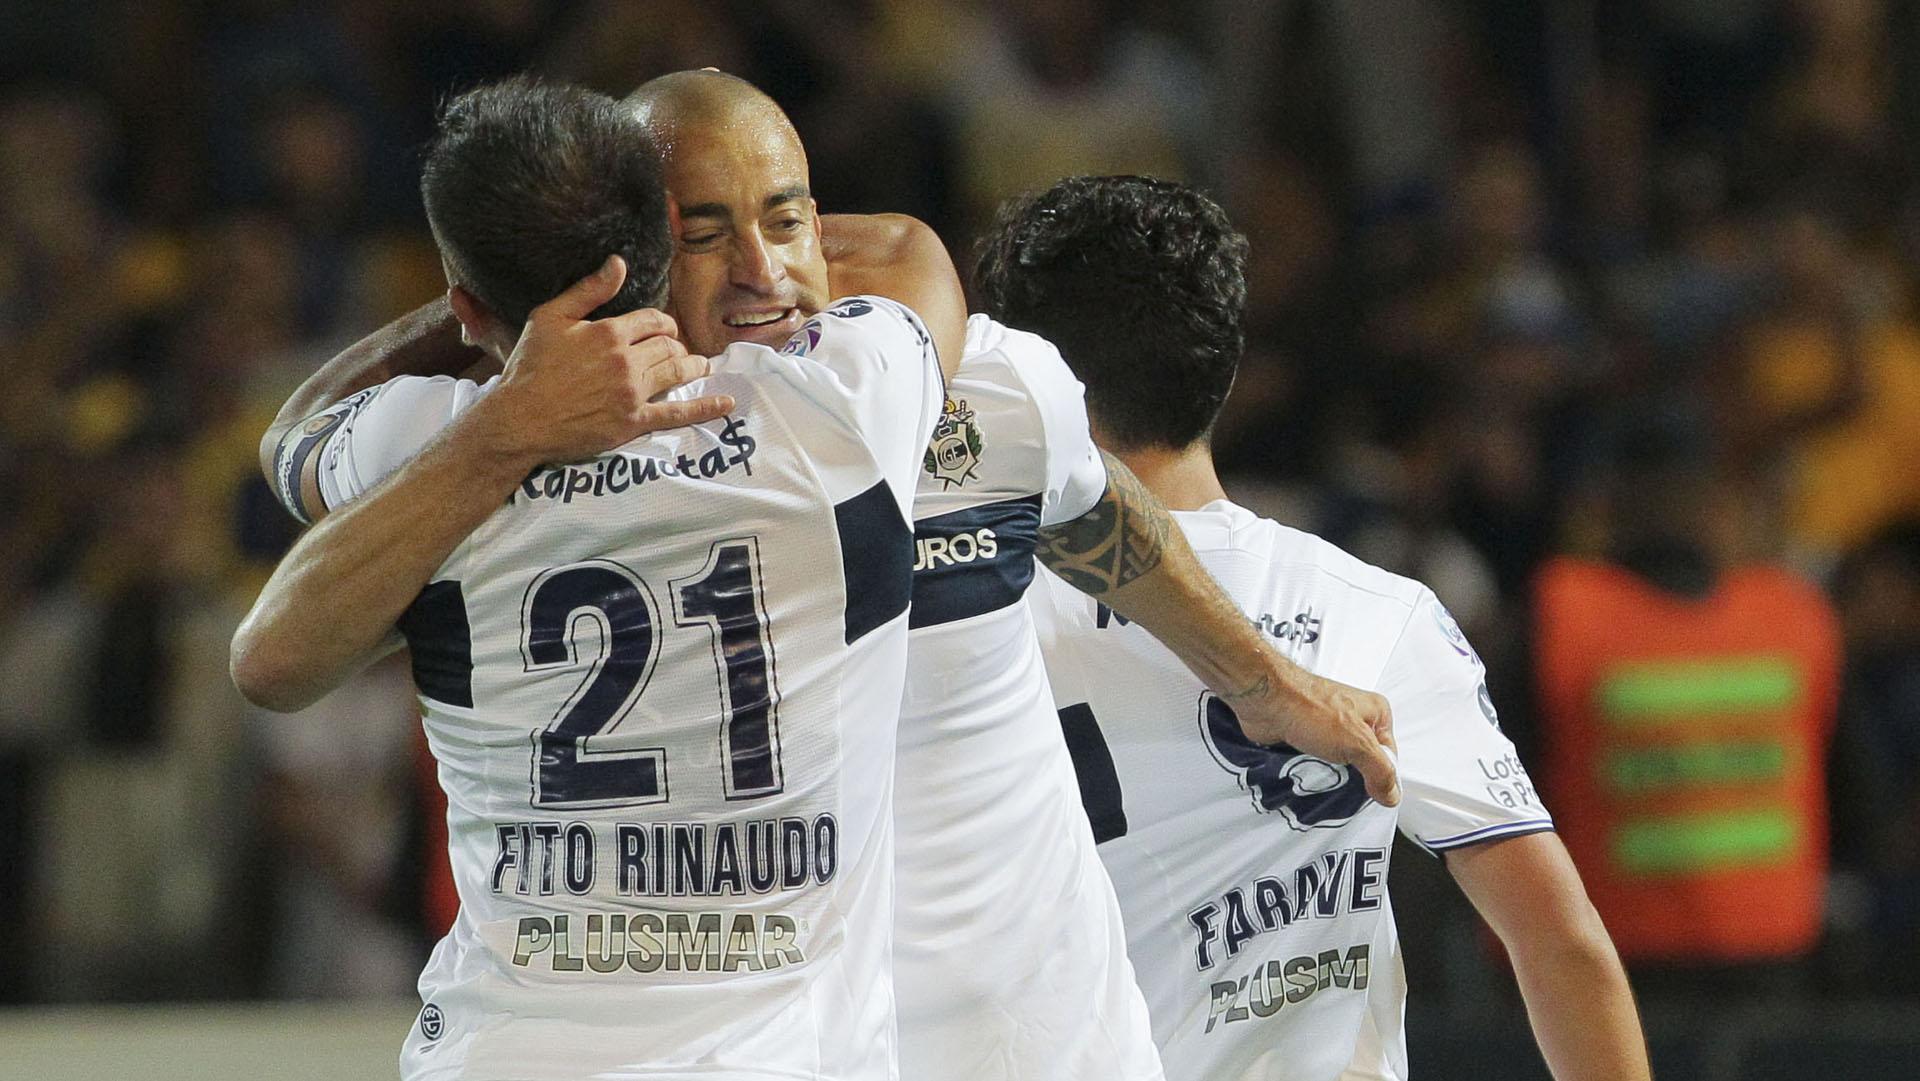 Jugadores de Gimnasia y Esgrima festejan el gol convertido por Lorenzo Faravelli durante el encuentro disputado frente a Rosario Central, por la final de la Copa Argentina